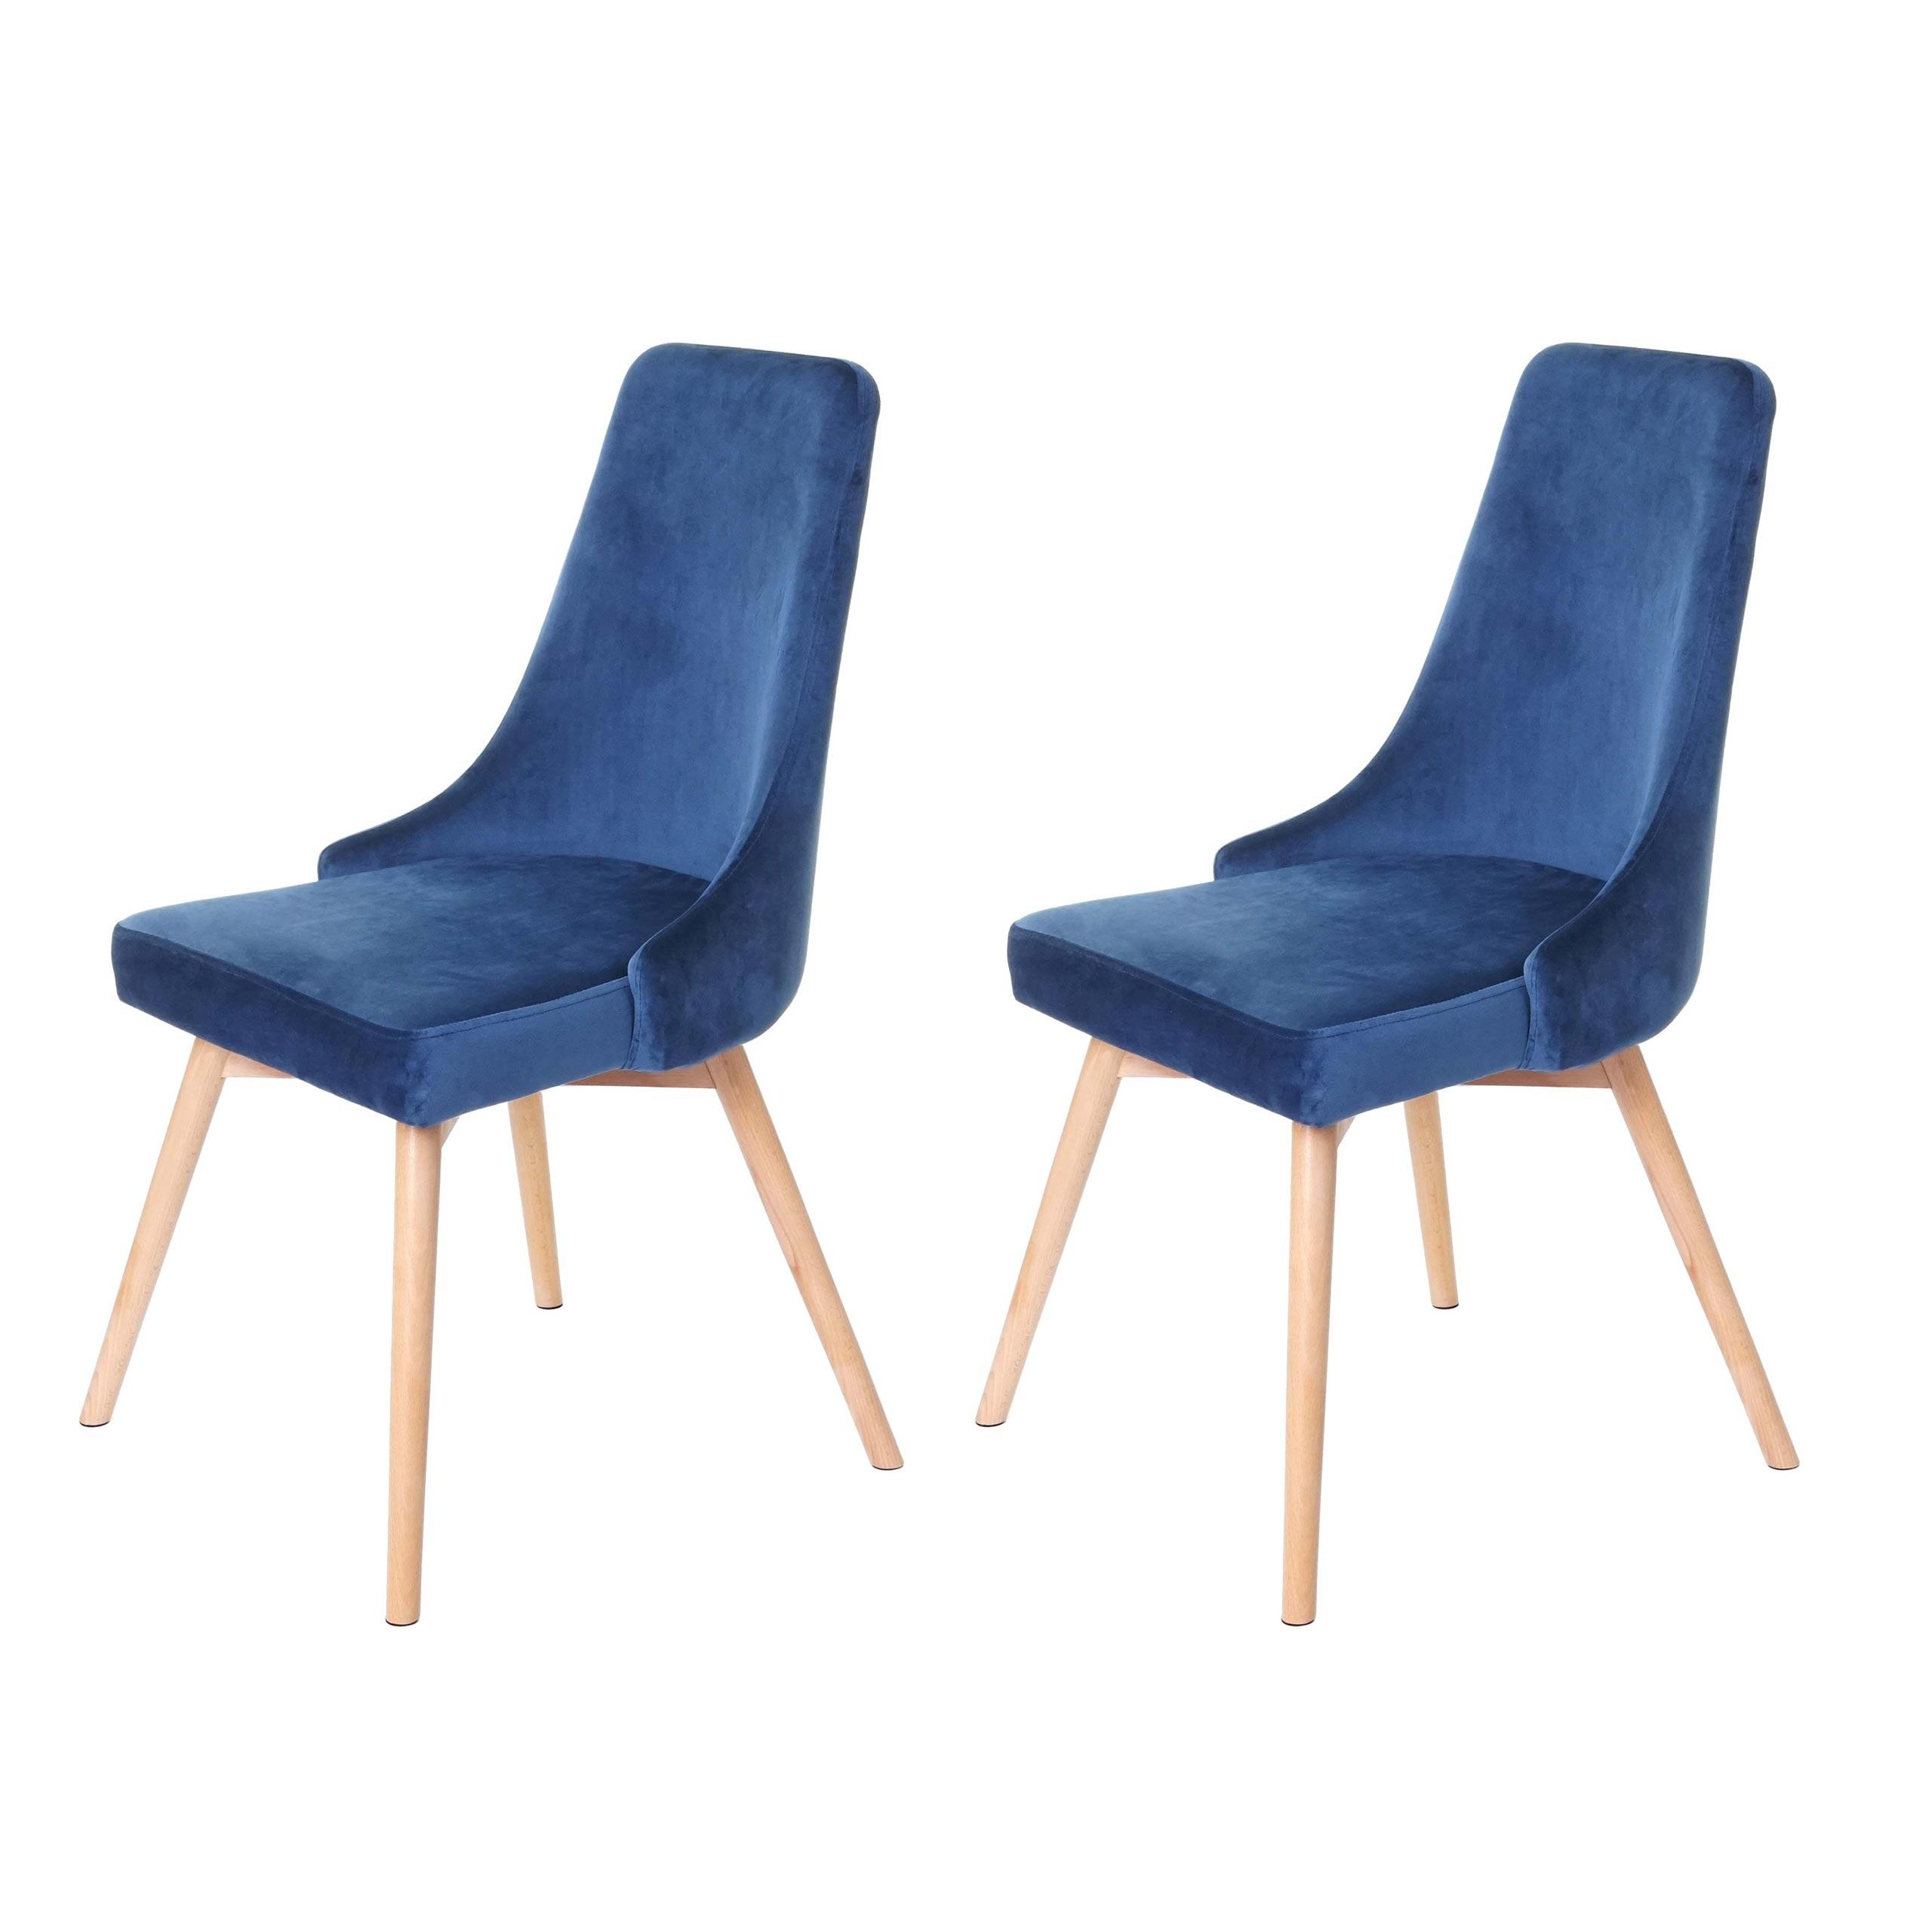 2x esszimmerstuhl hwc b44 stuhl lehnstuhl retro 50er jahre design samt petrol. Black Bedroom Furniture Sets. Home Design Ideas